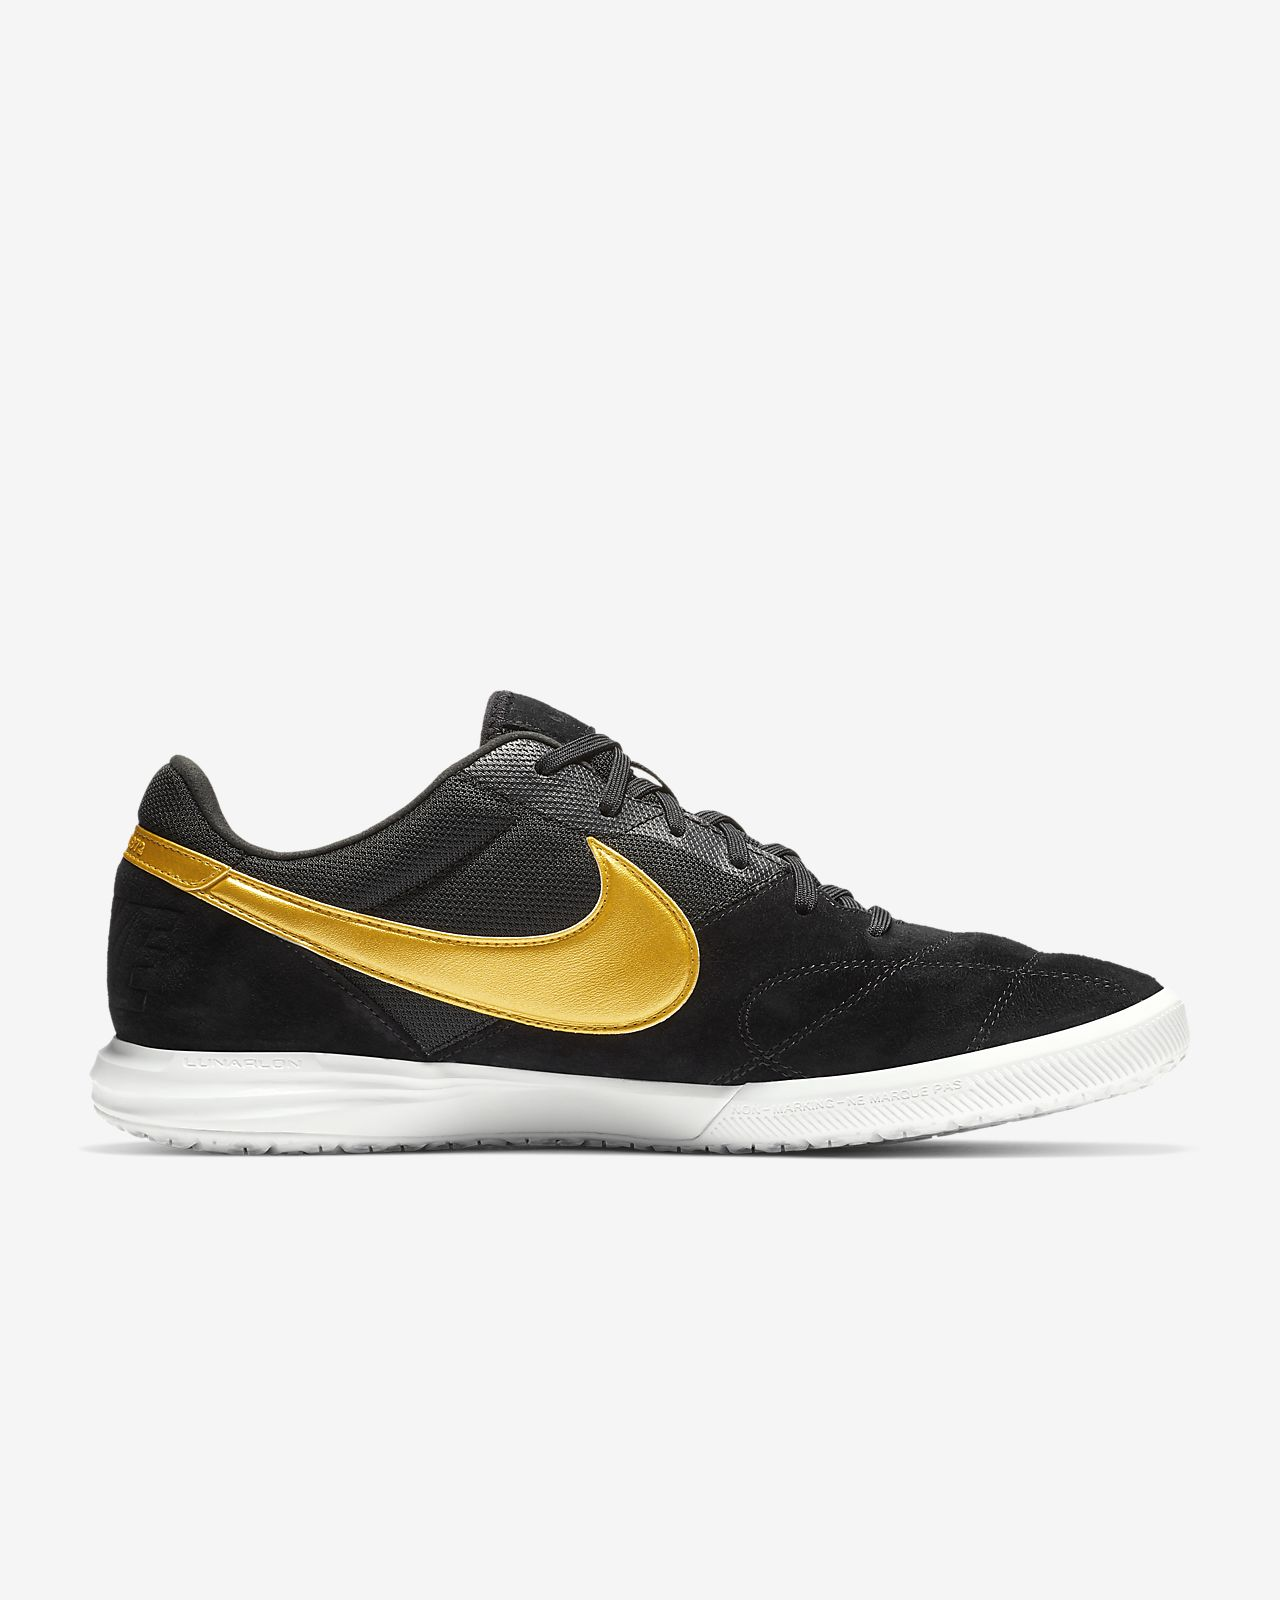 Fútbol Premier Nike Ii Para Cancha Tiempo De Sala Calzado Cubierta 354jLqAScR